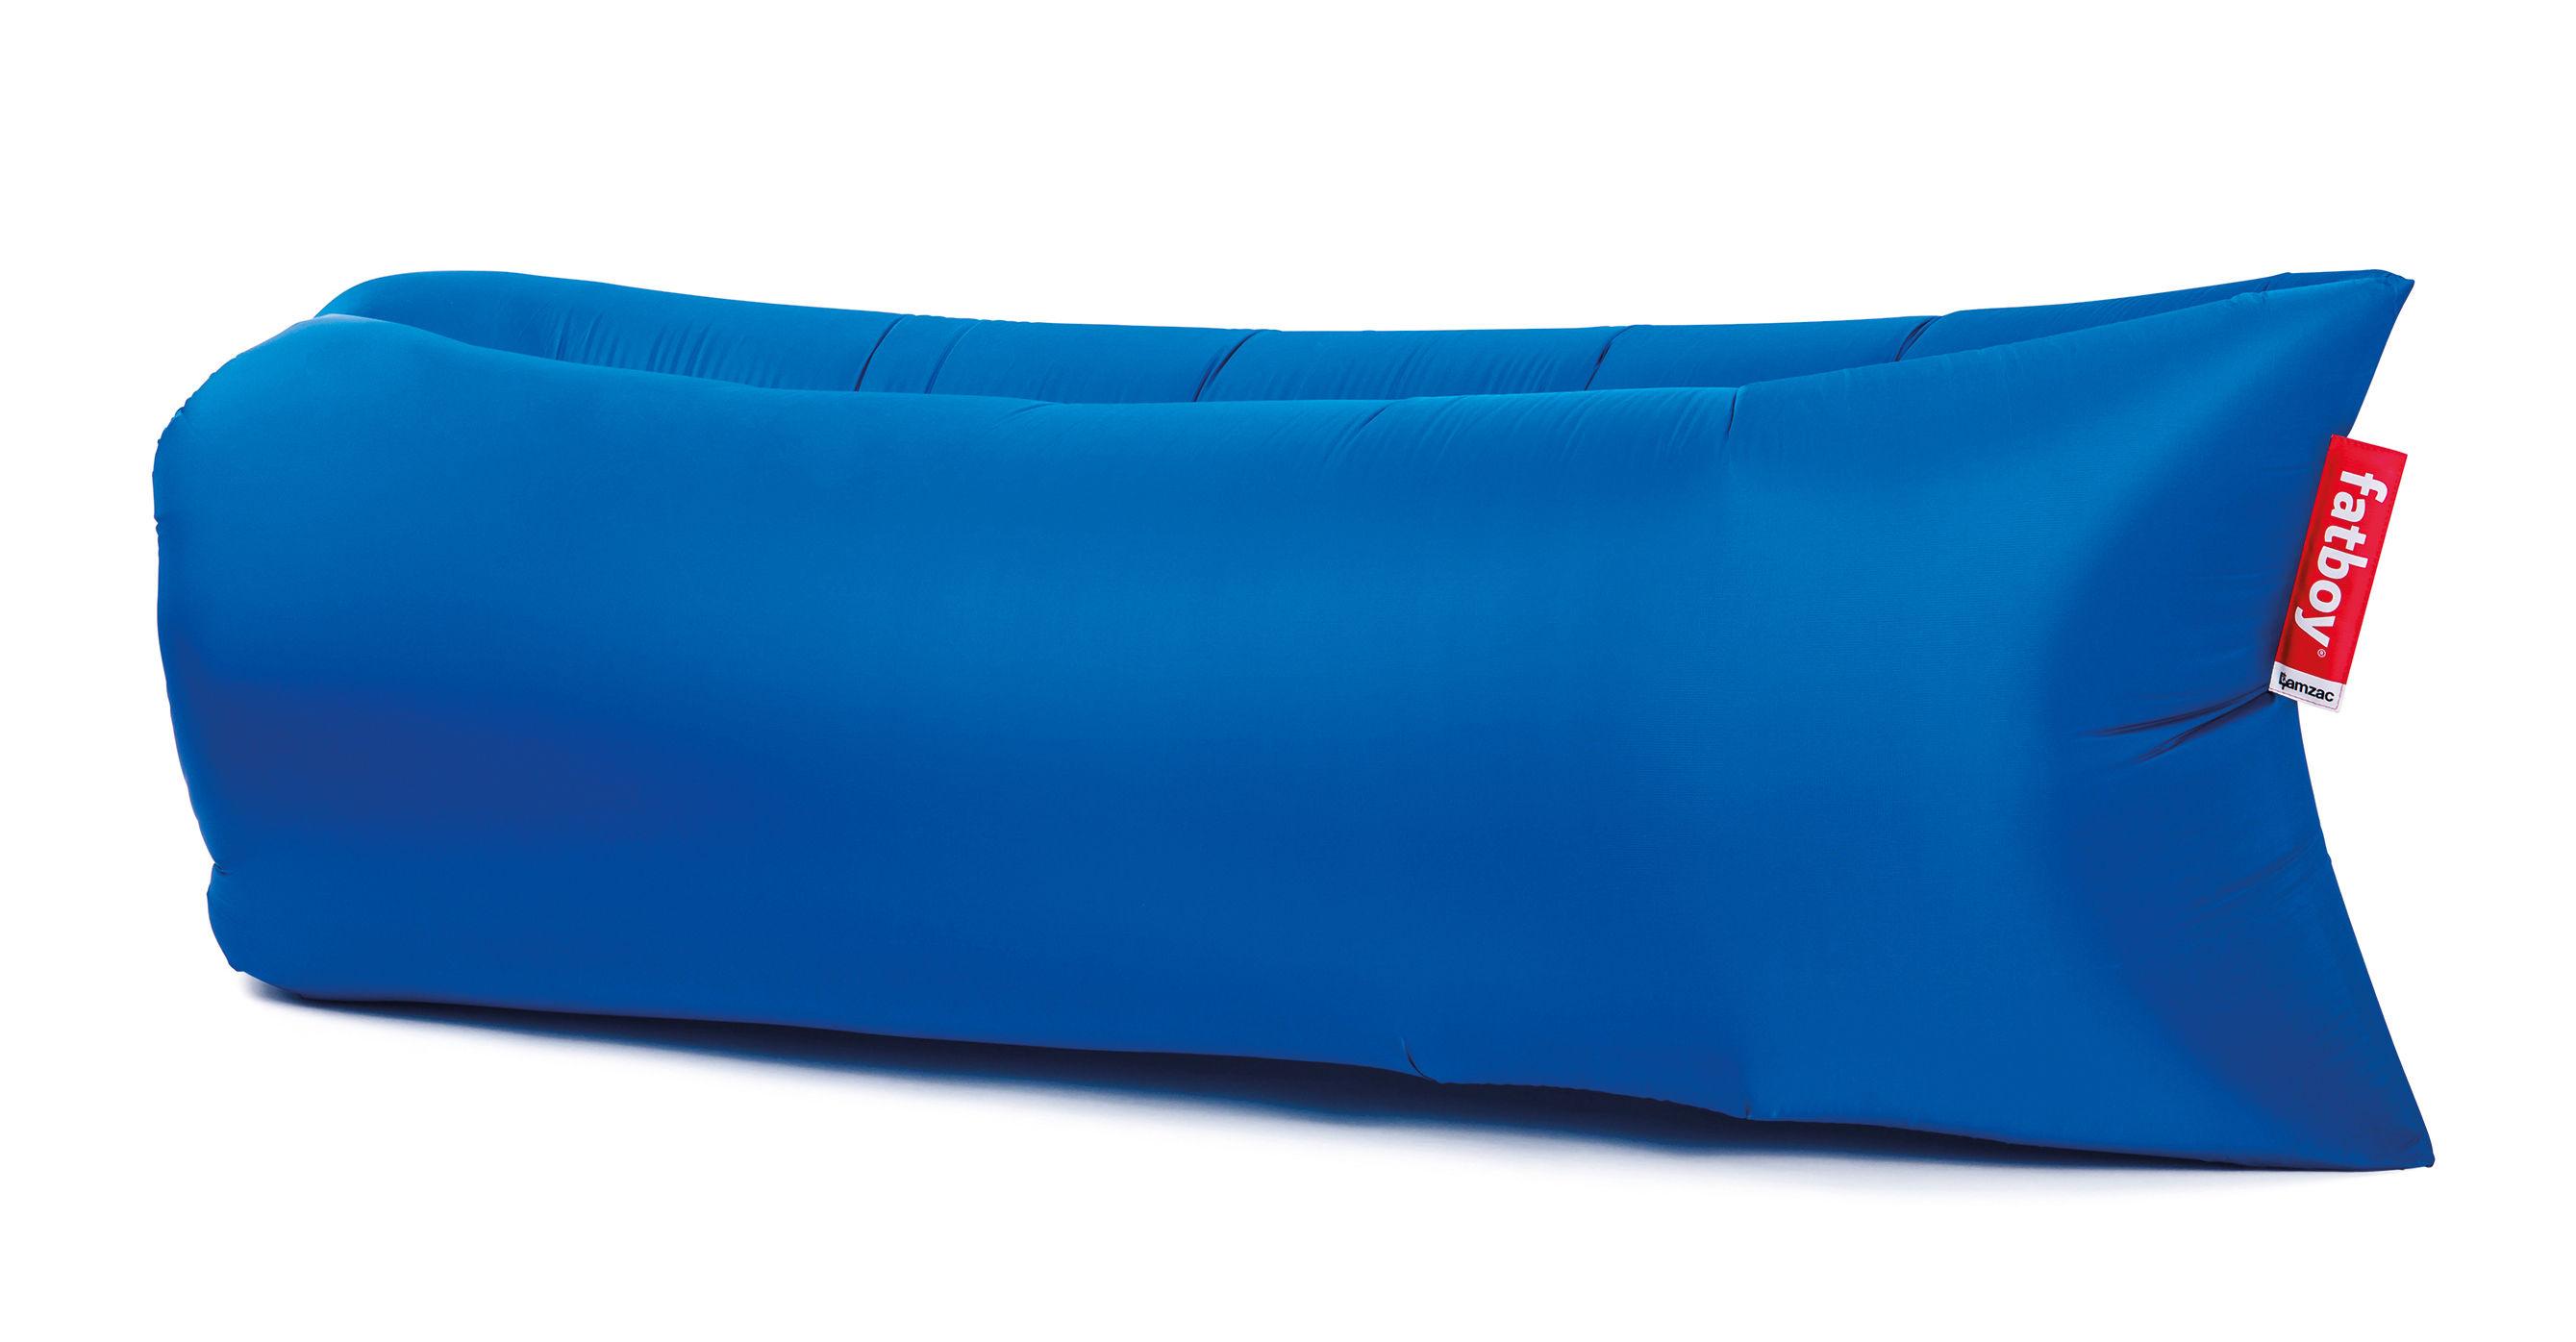 Outdoor - Chaises longues et hamacs - Pouf gonflable Lamzac the Original 2.0 / L 200 cm - Fatboy - Bleu pétrole - Nylon